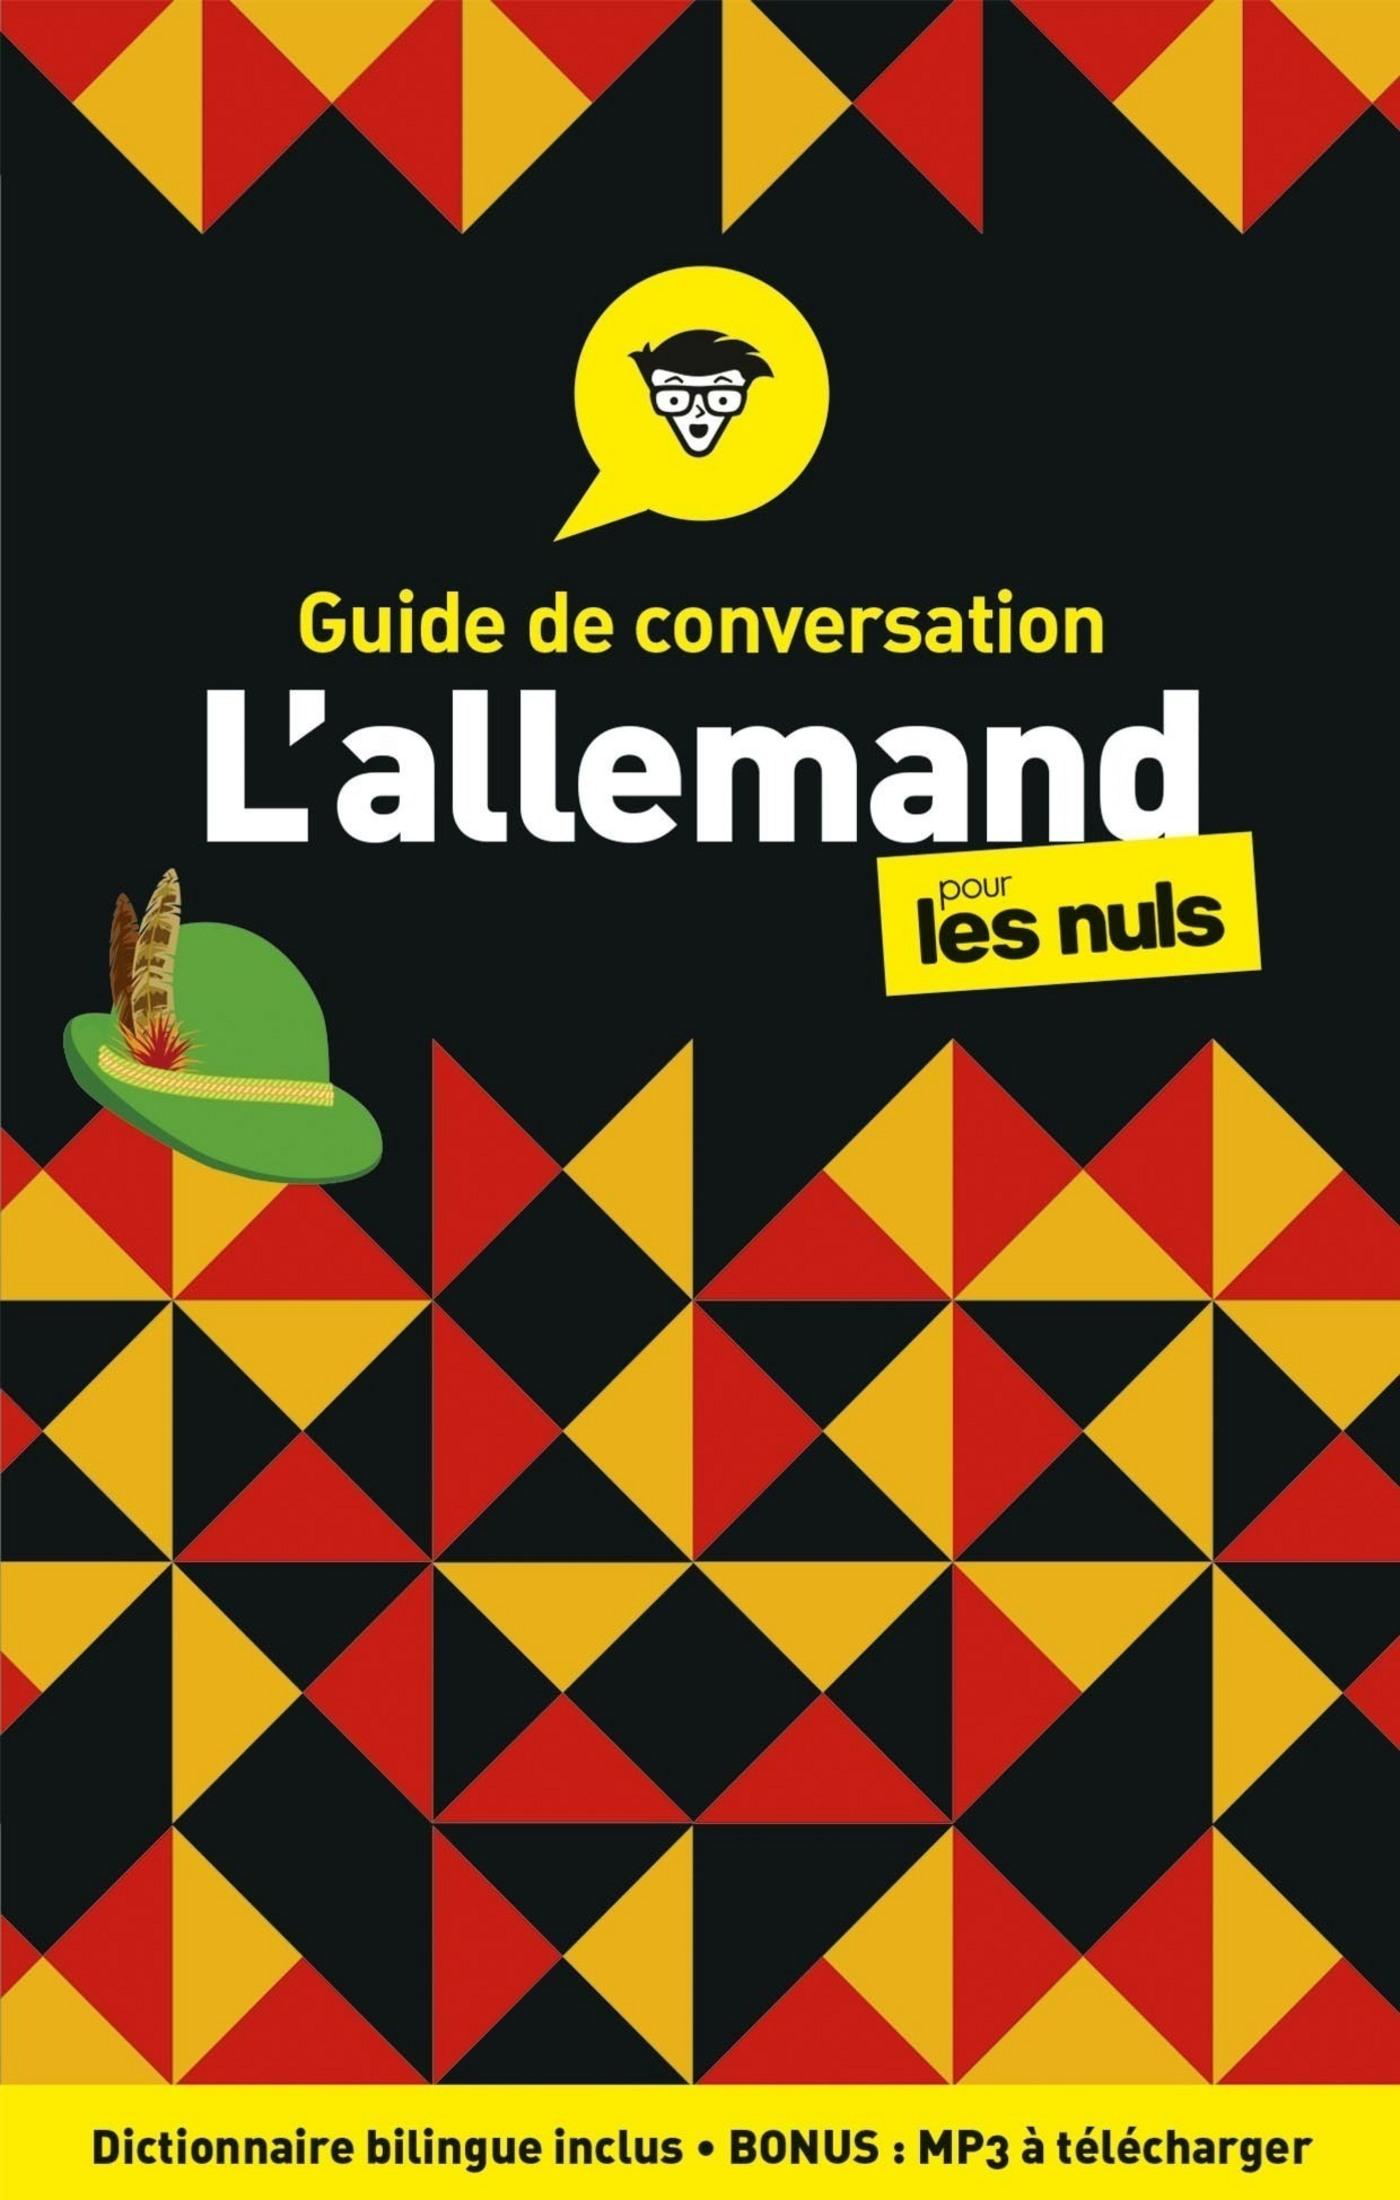 L'allemand Pour Les Nuls Pdf : l'allemand, L'allemand, Voyage, Paulina, Christensen,, Voyages, Guides, Conversation, Leslibraires.ca